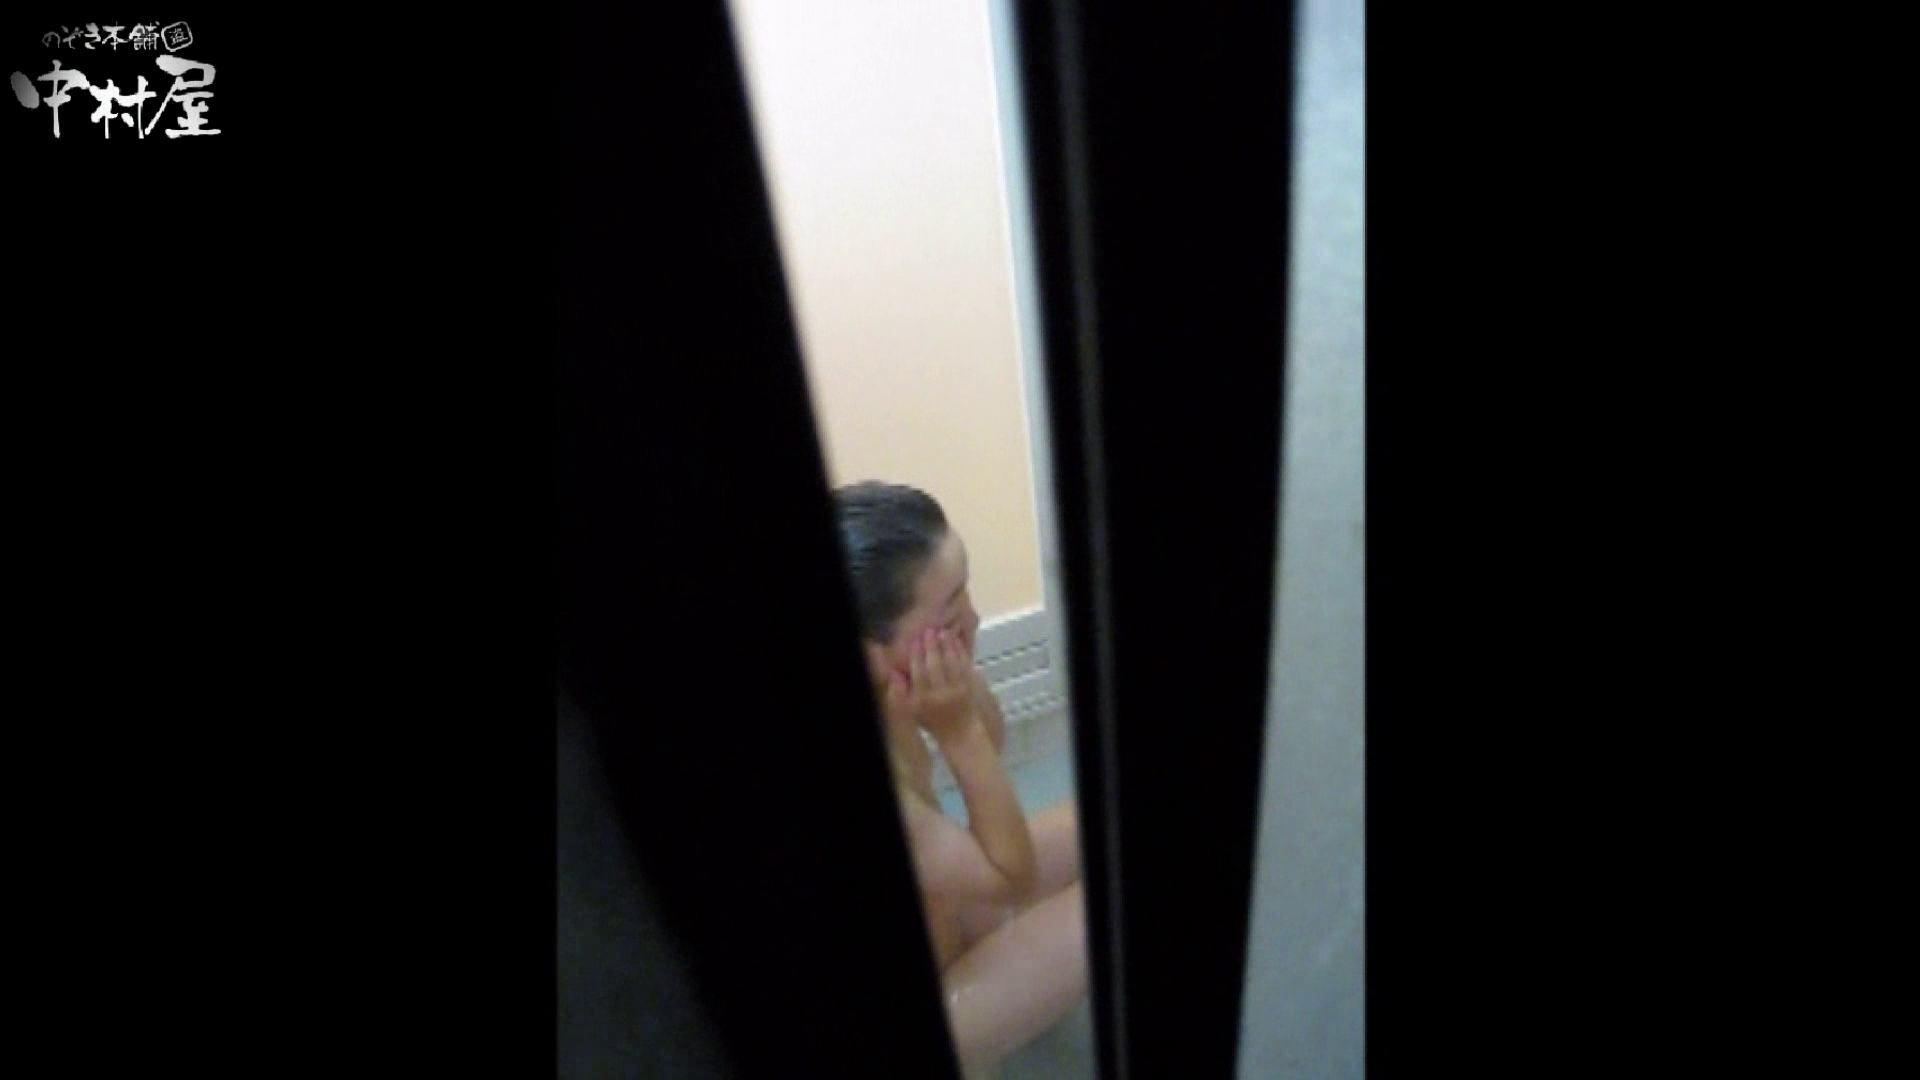 民家風呂専門盗撮師の超危険映像 vol.006 民家エロ投稿 おめこ無修正画像 48画像 47